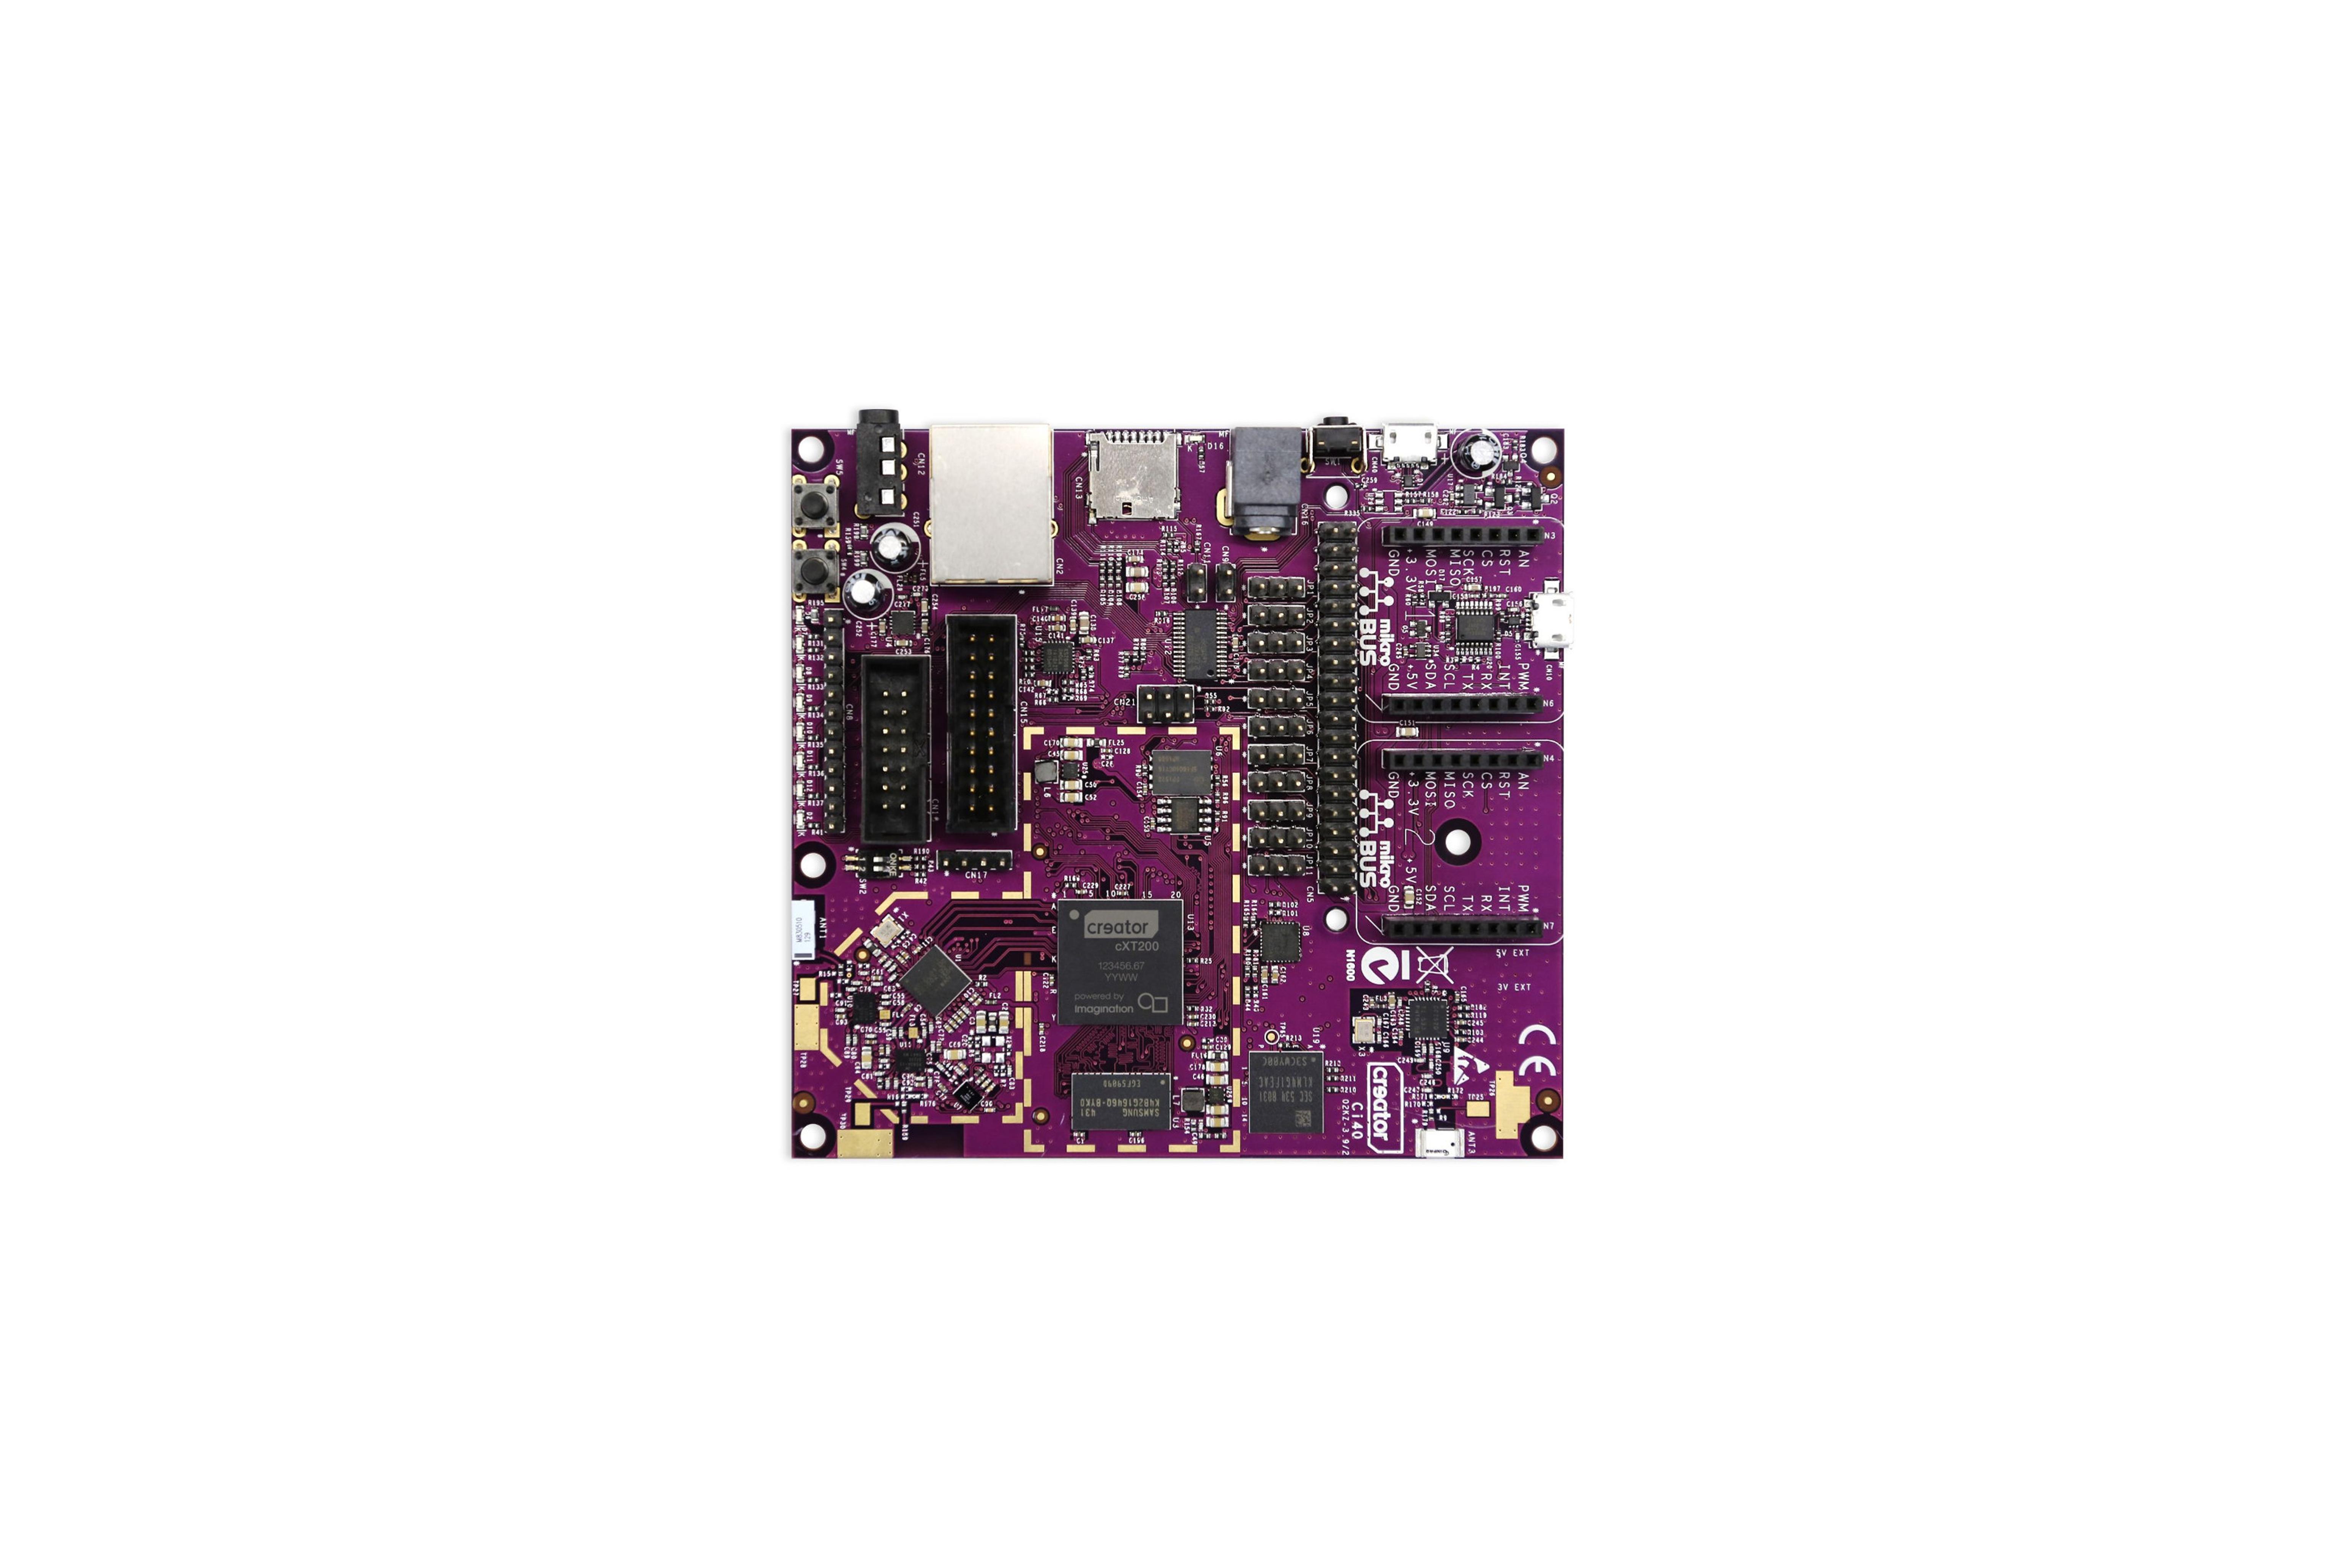 クリエイター Ci40 IoT ハブコンピューターボード WiFi